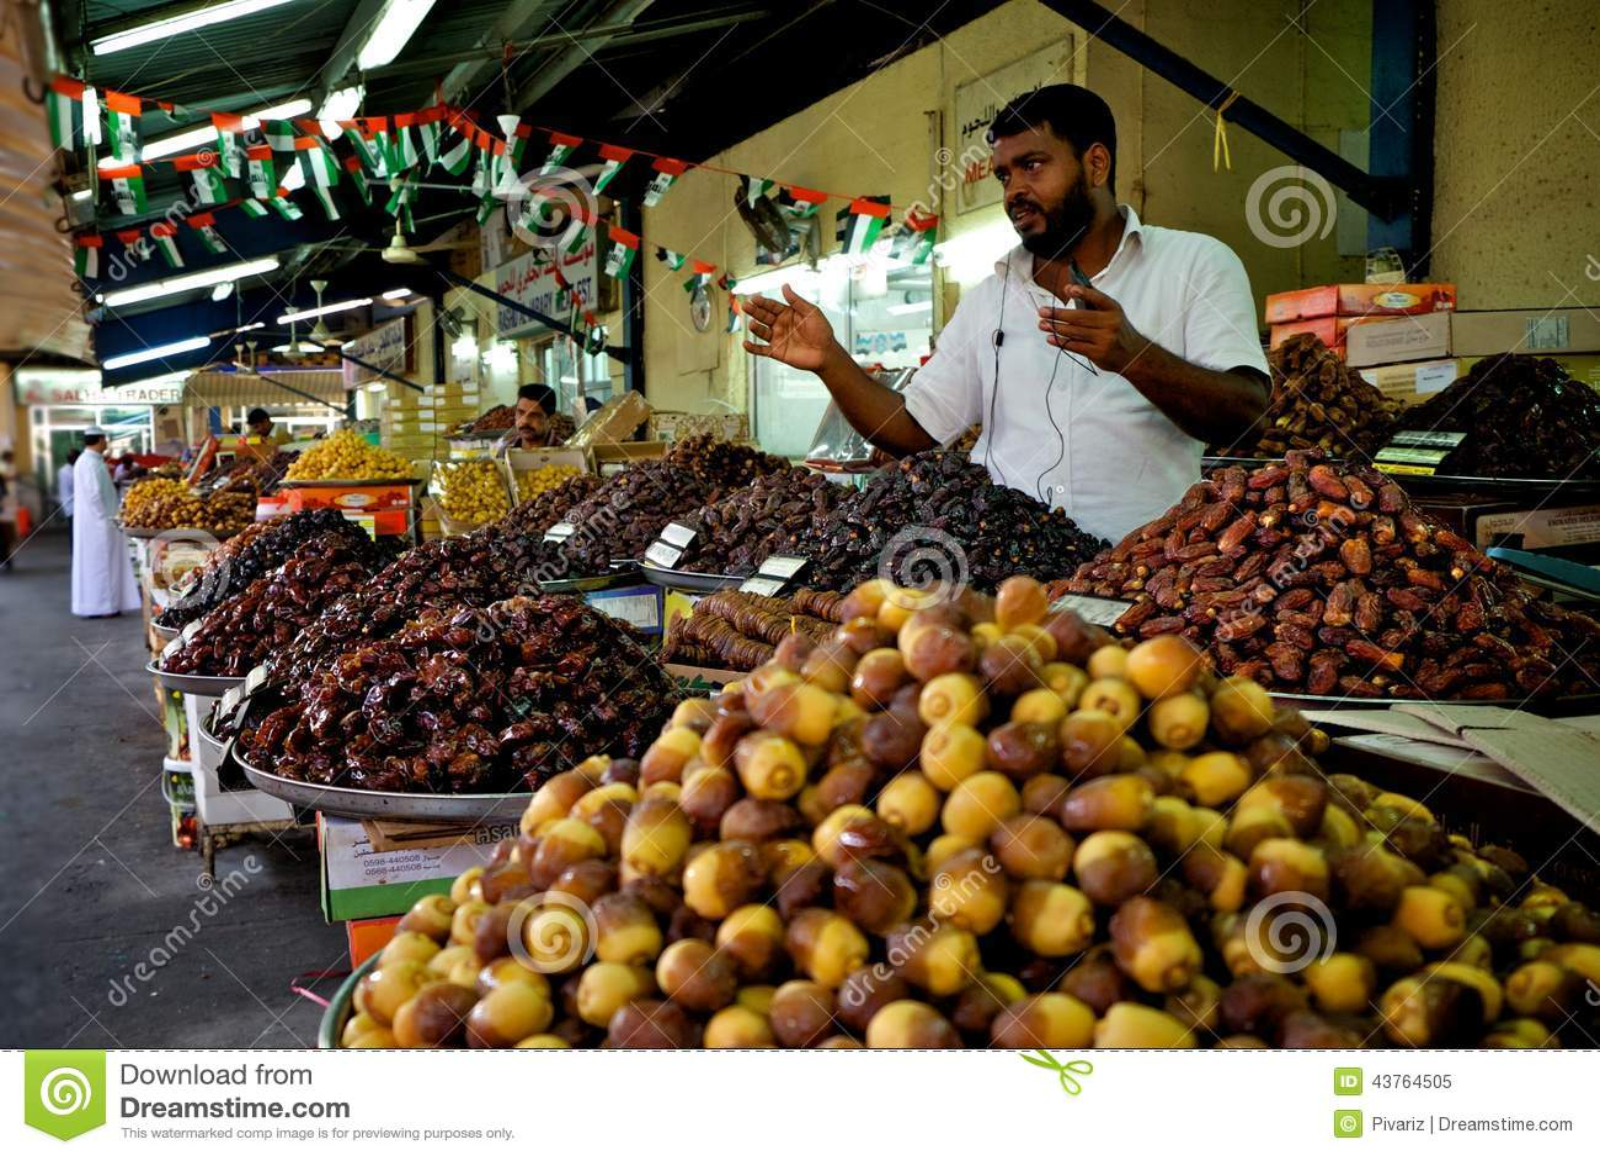 Dubai Food Festival Dates